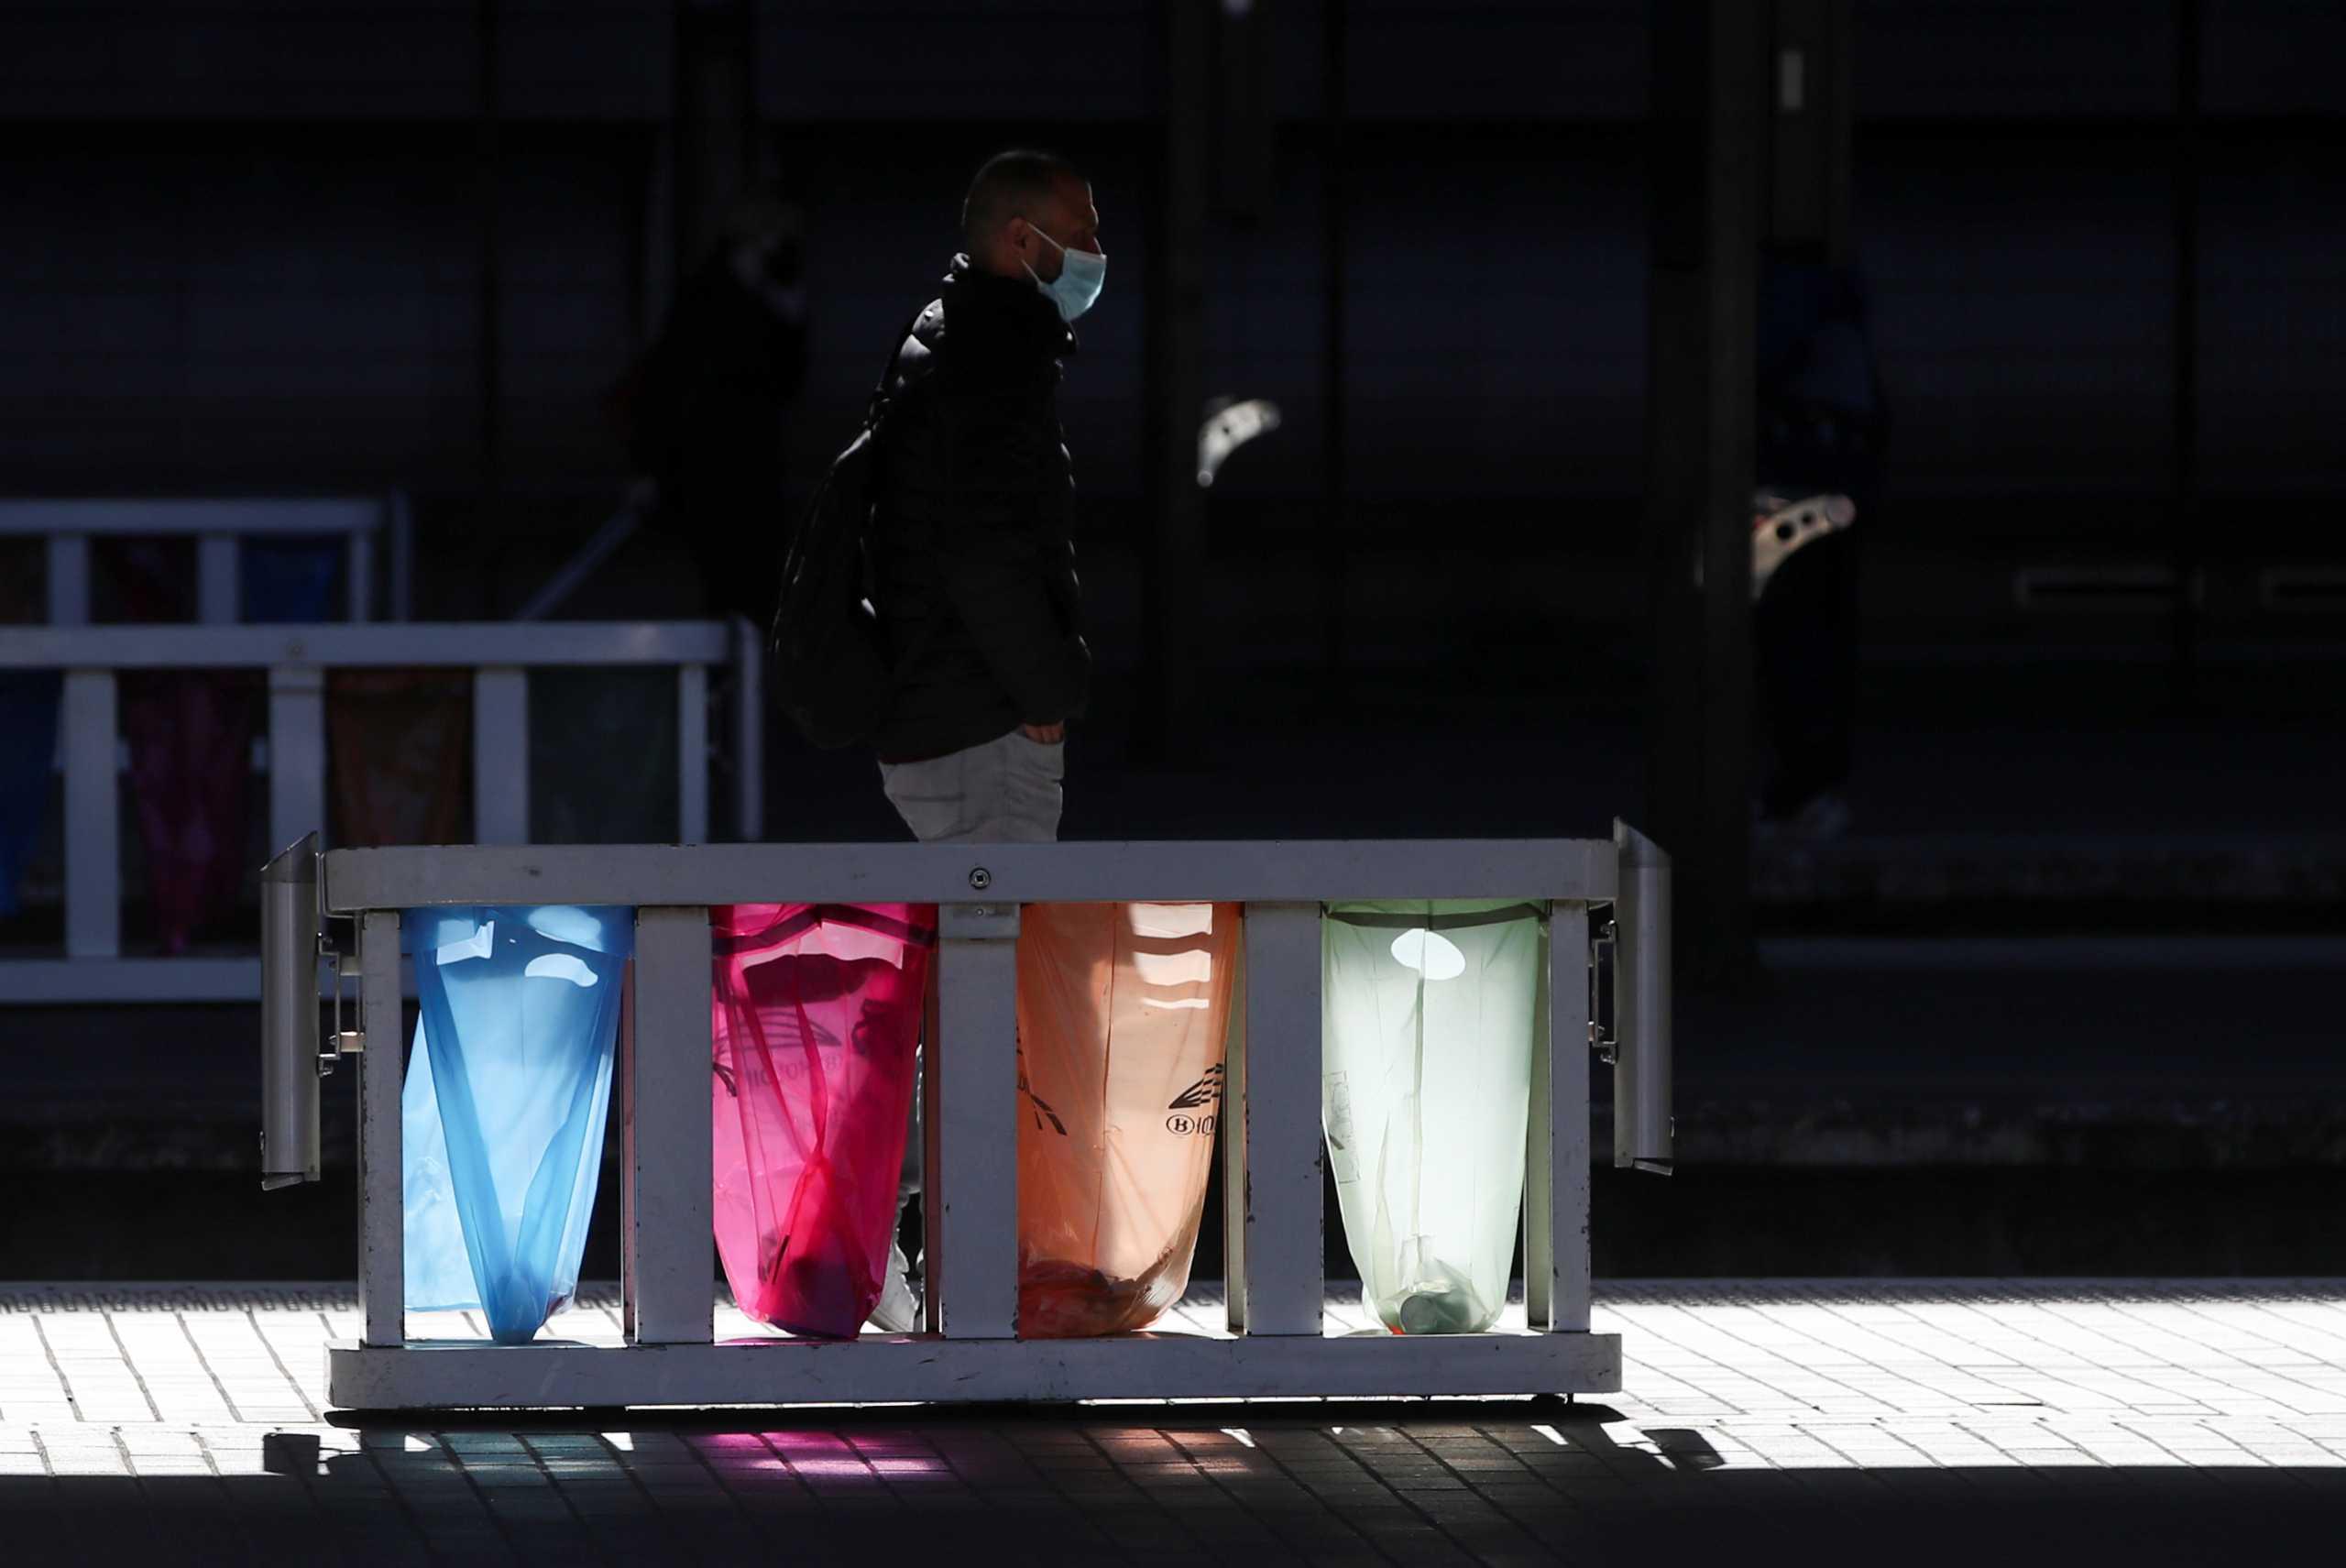 Βέλγιο – κορονοϊός: Δικαστήριο επιβάλλει στην κυβέρνηση να αναθεωρήσει τα μέτρα